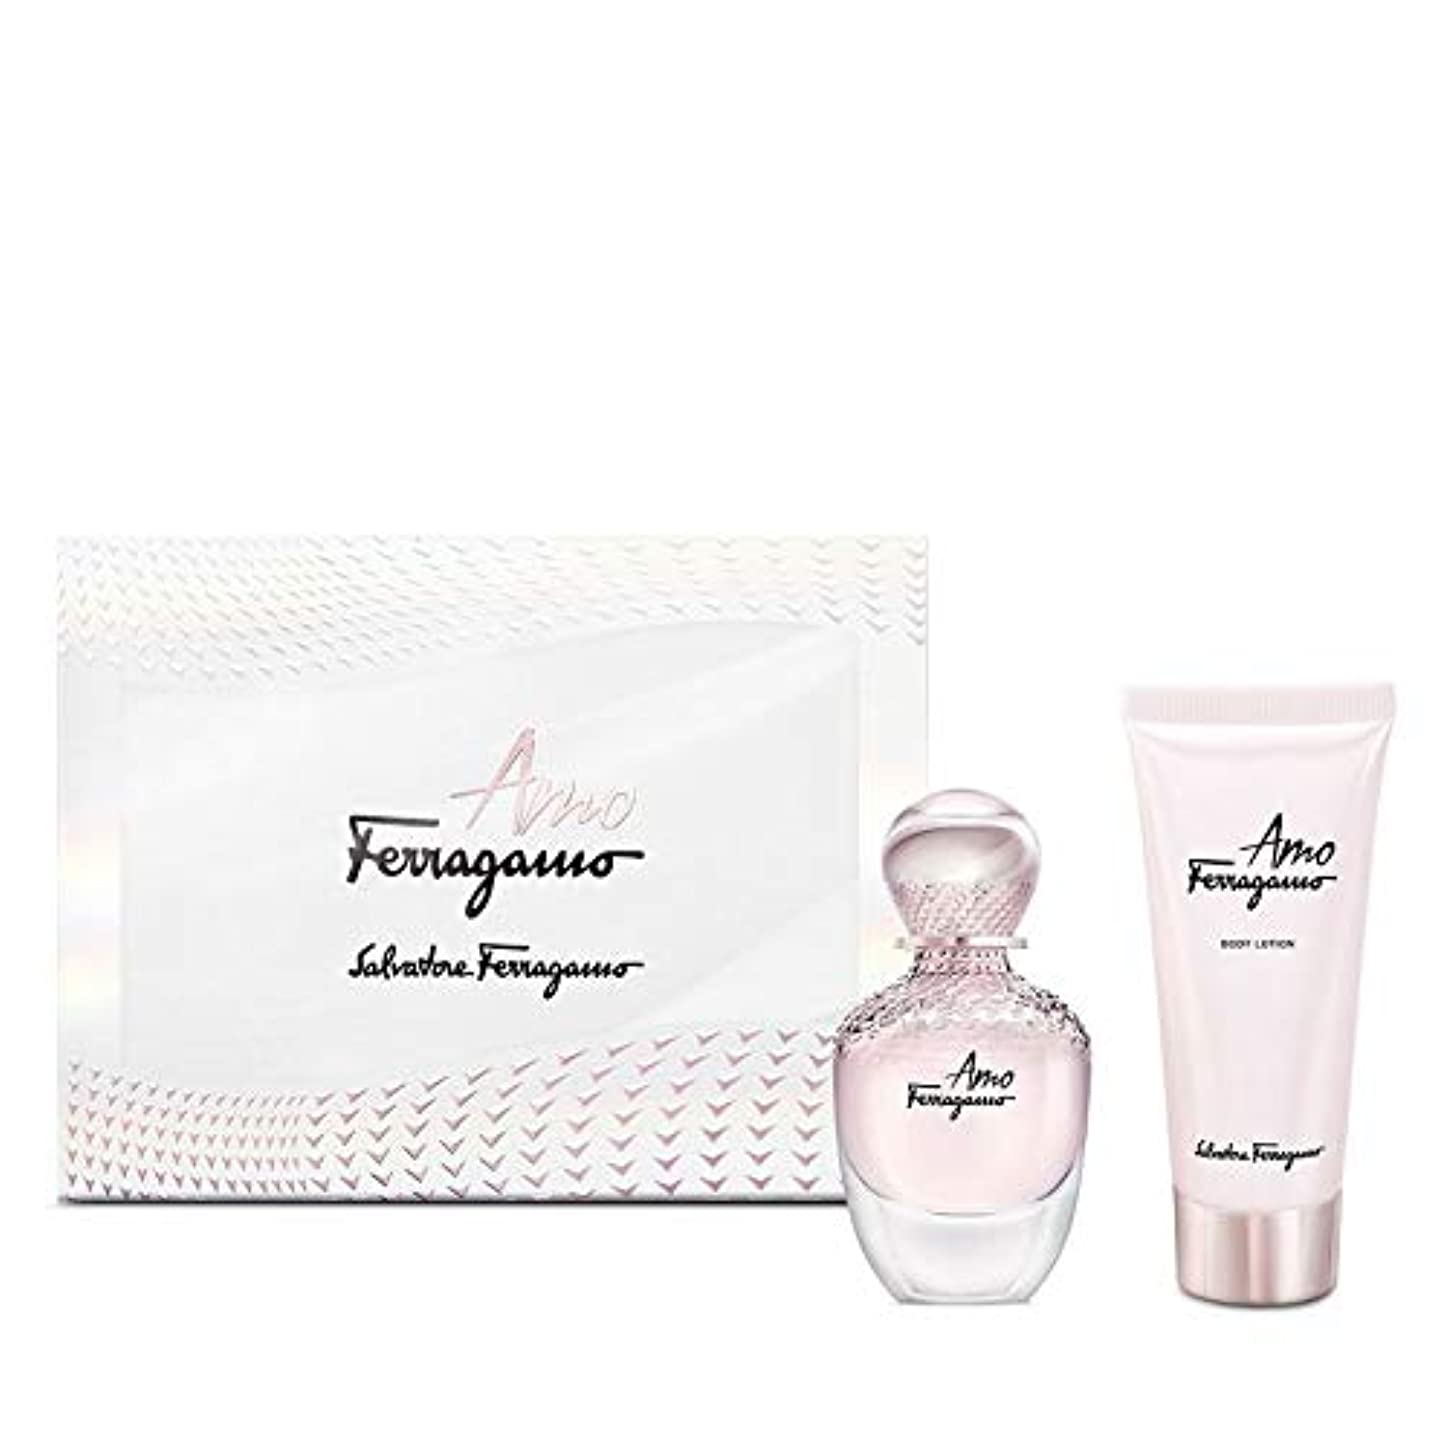 エントリ実証する議論するサルバドール フェラガモ アモ フェラガモ 香水セット 2 PCS